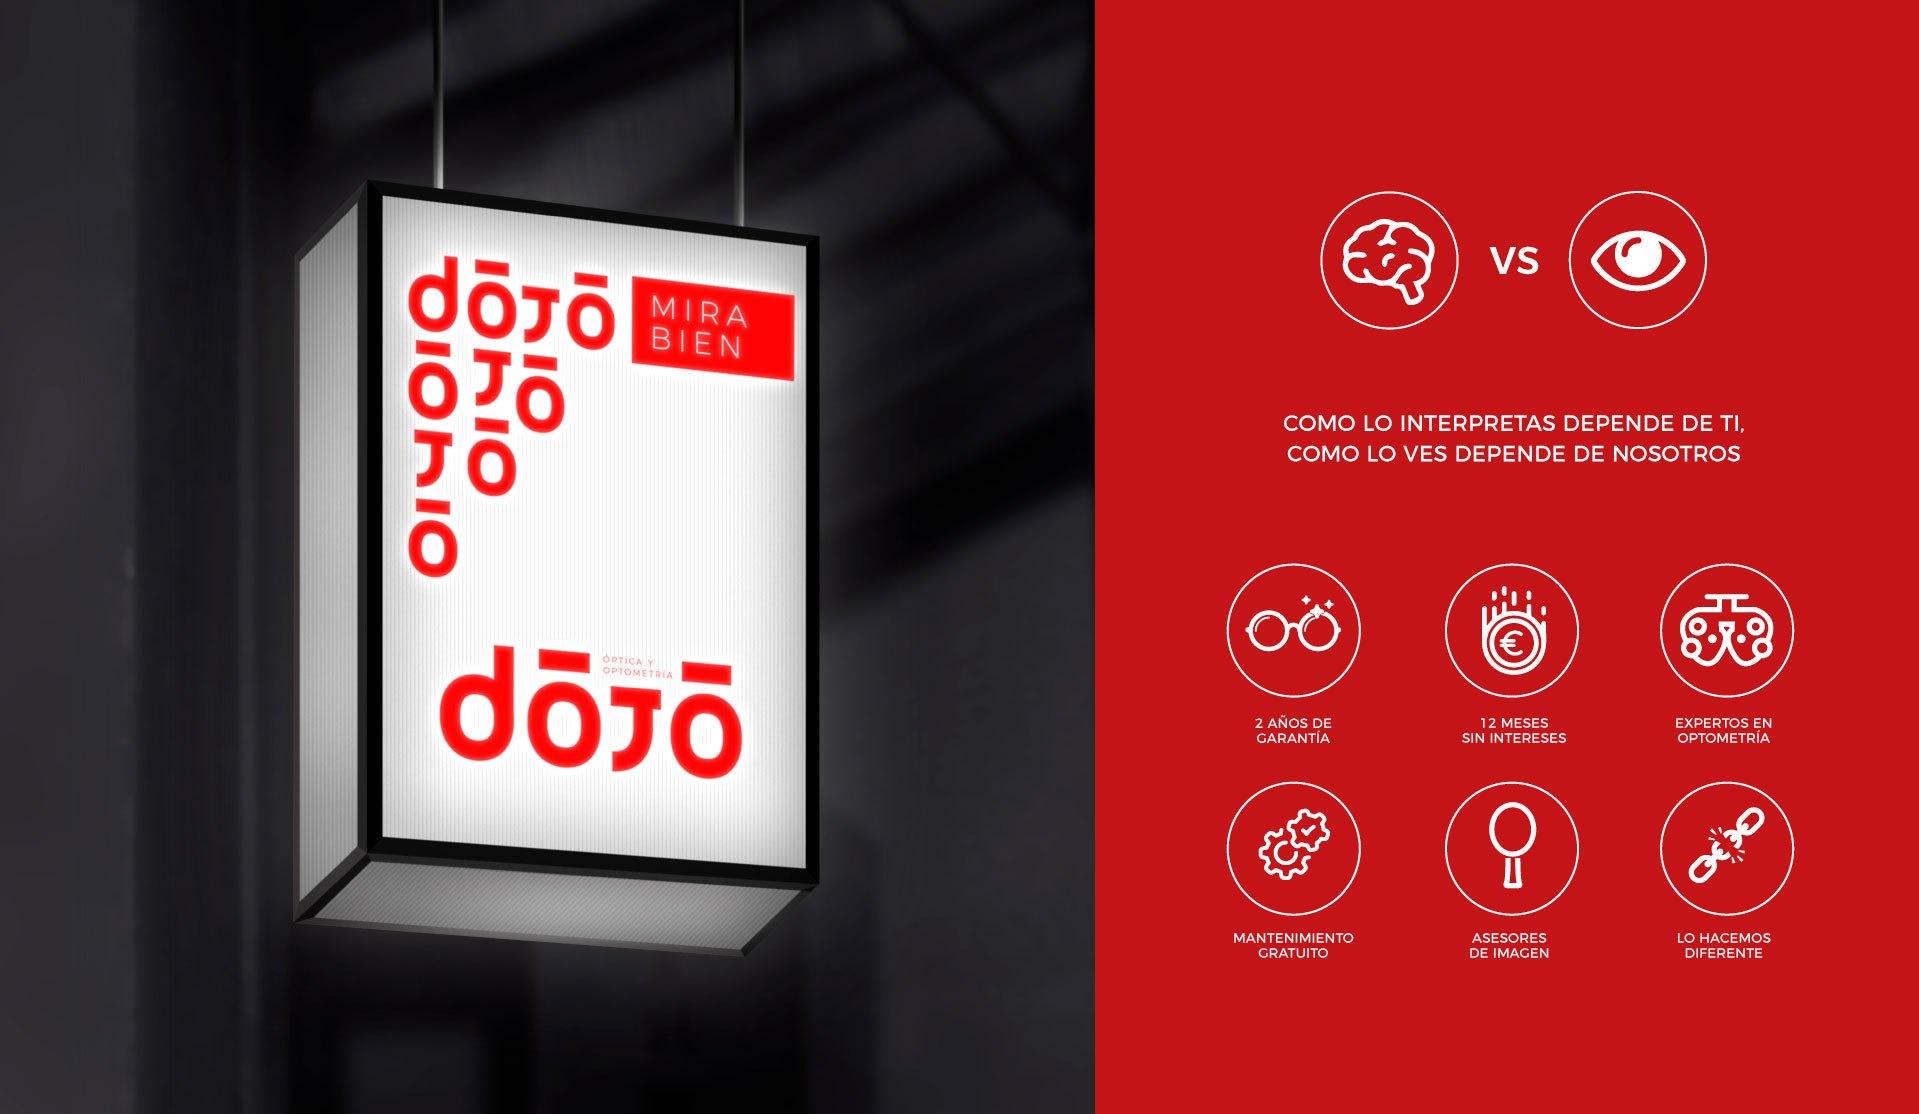 behind identidad marca estrategia dojo 7